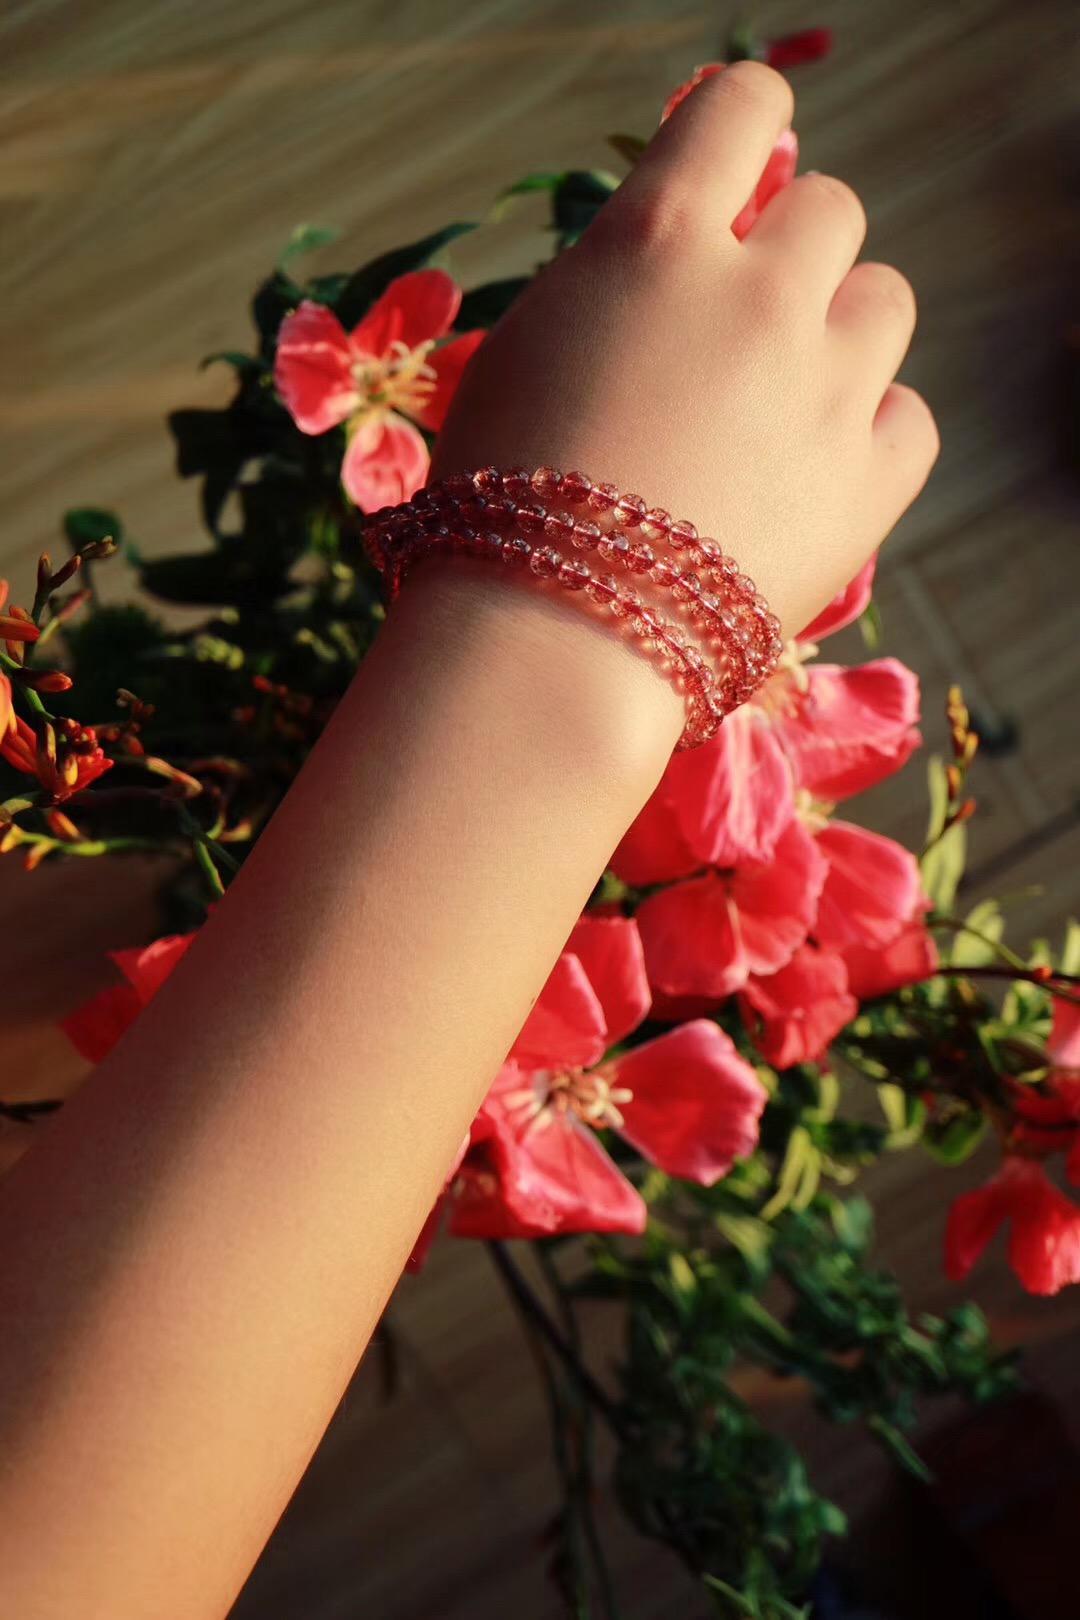 【菩心|金草莓晶】可助人缘,增进气场-菩心晶舍